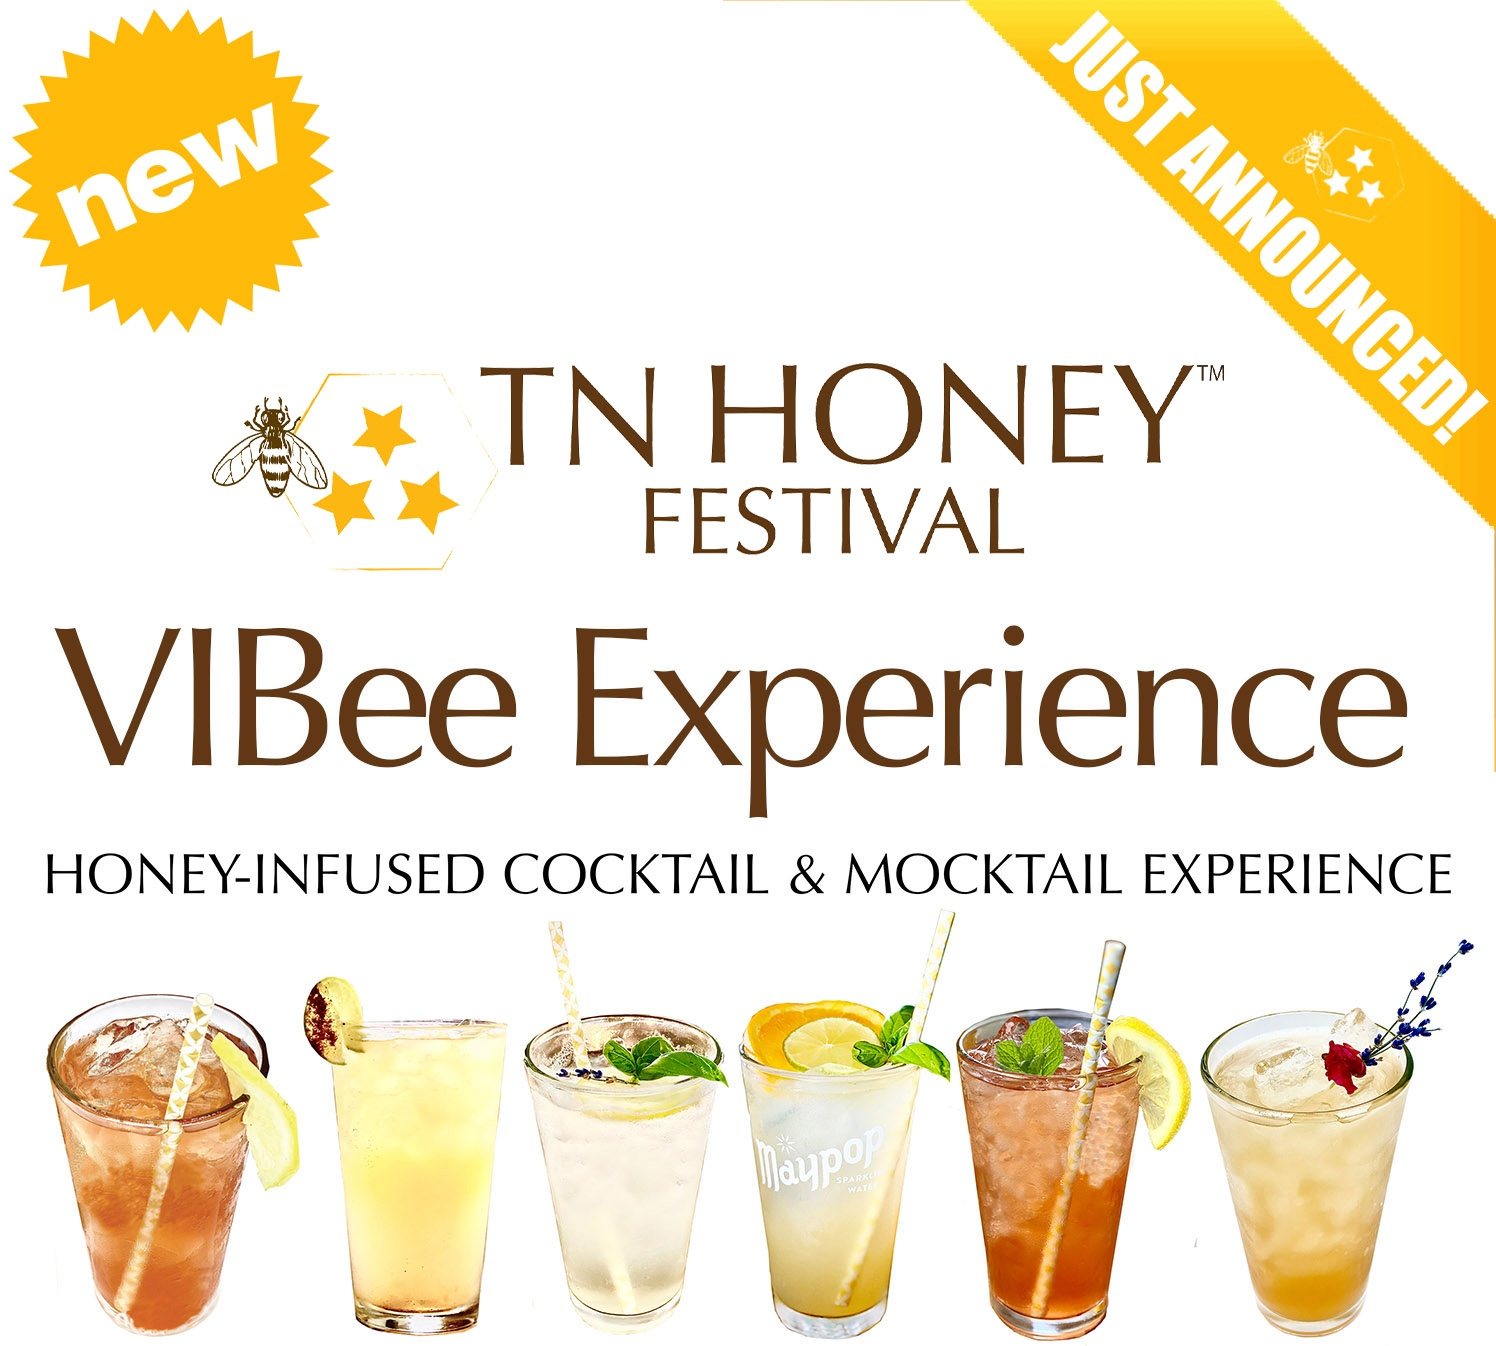 The VIBee Experience